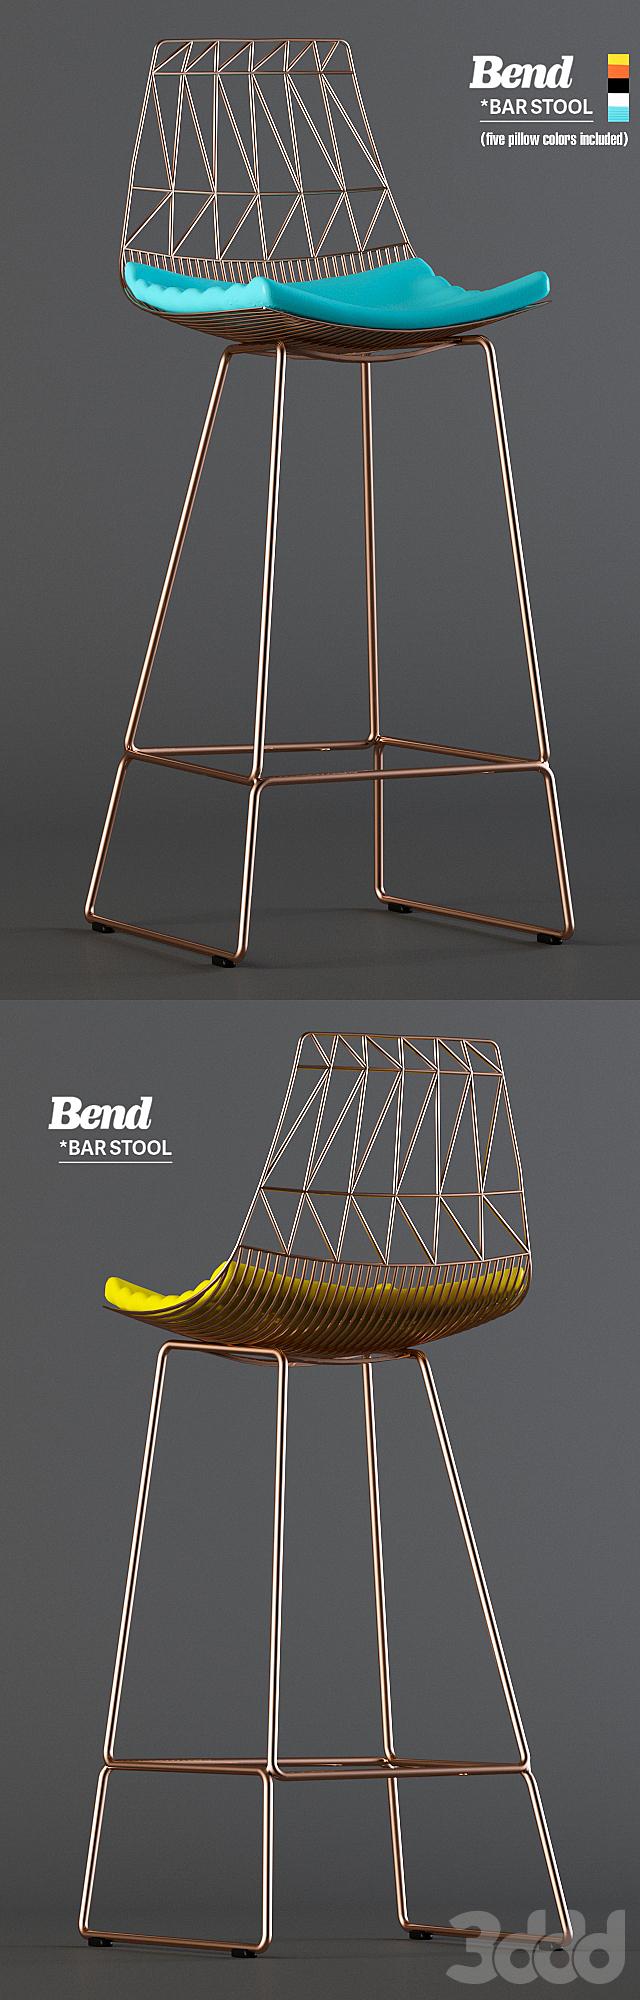 Bend Bar Stool